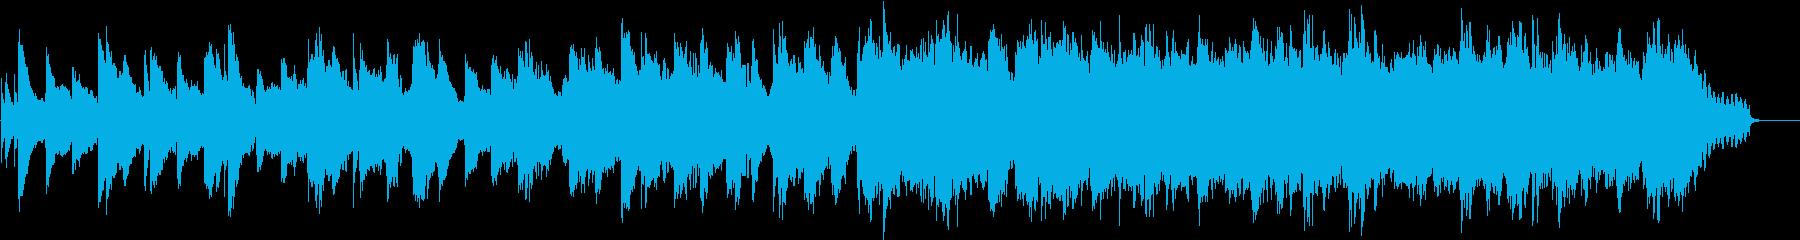 ミステリアス ピアノ・ストリングスBGMの再生済みの波形